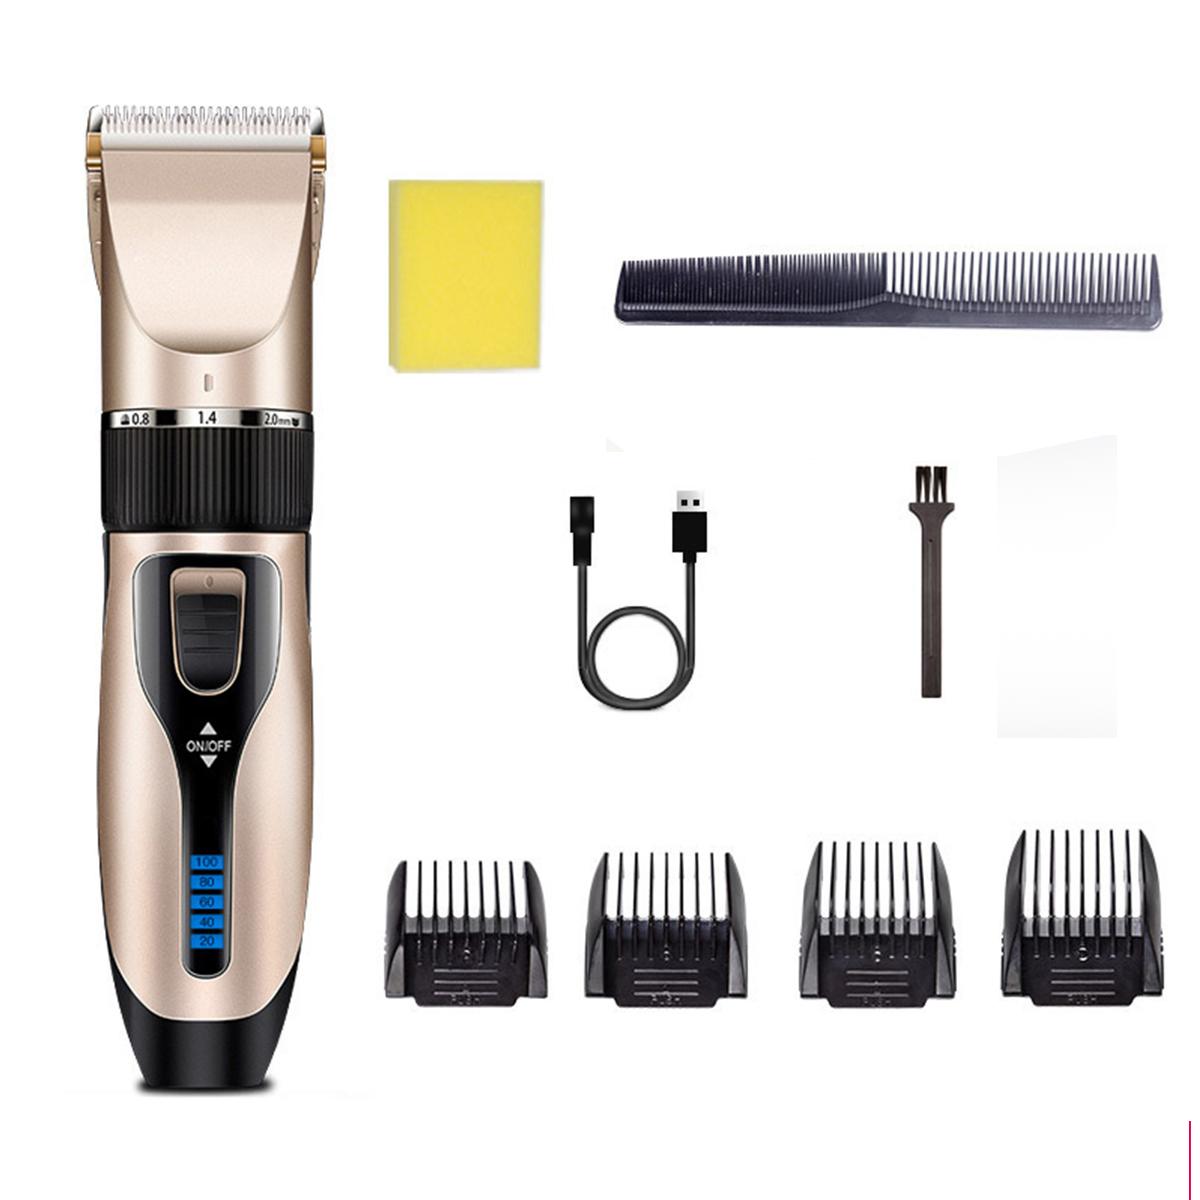 Дисплей Аккумуляторная Для взрослых Дети Волосы Машинка Электрическая Волосы Триммер